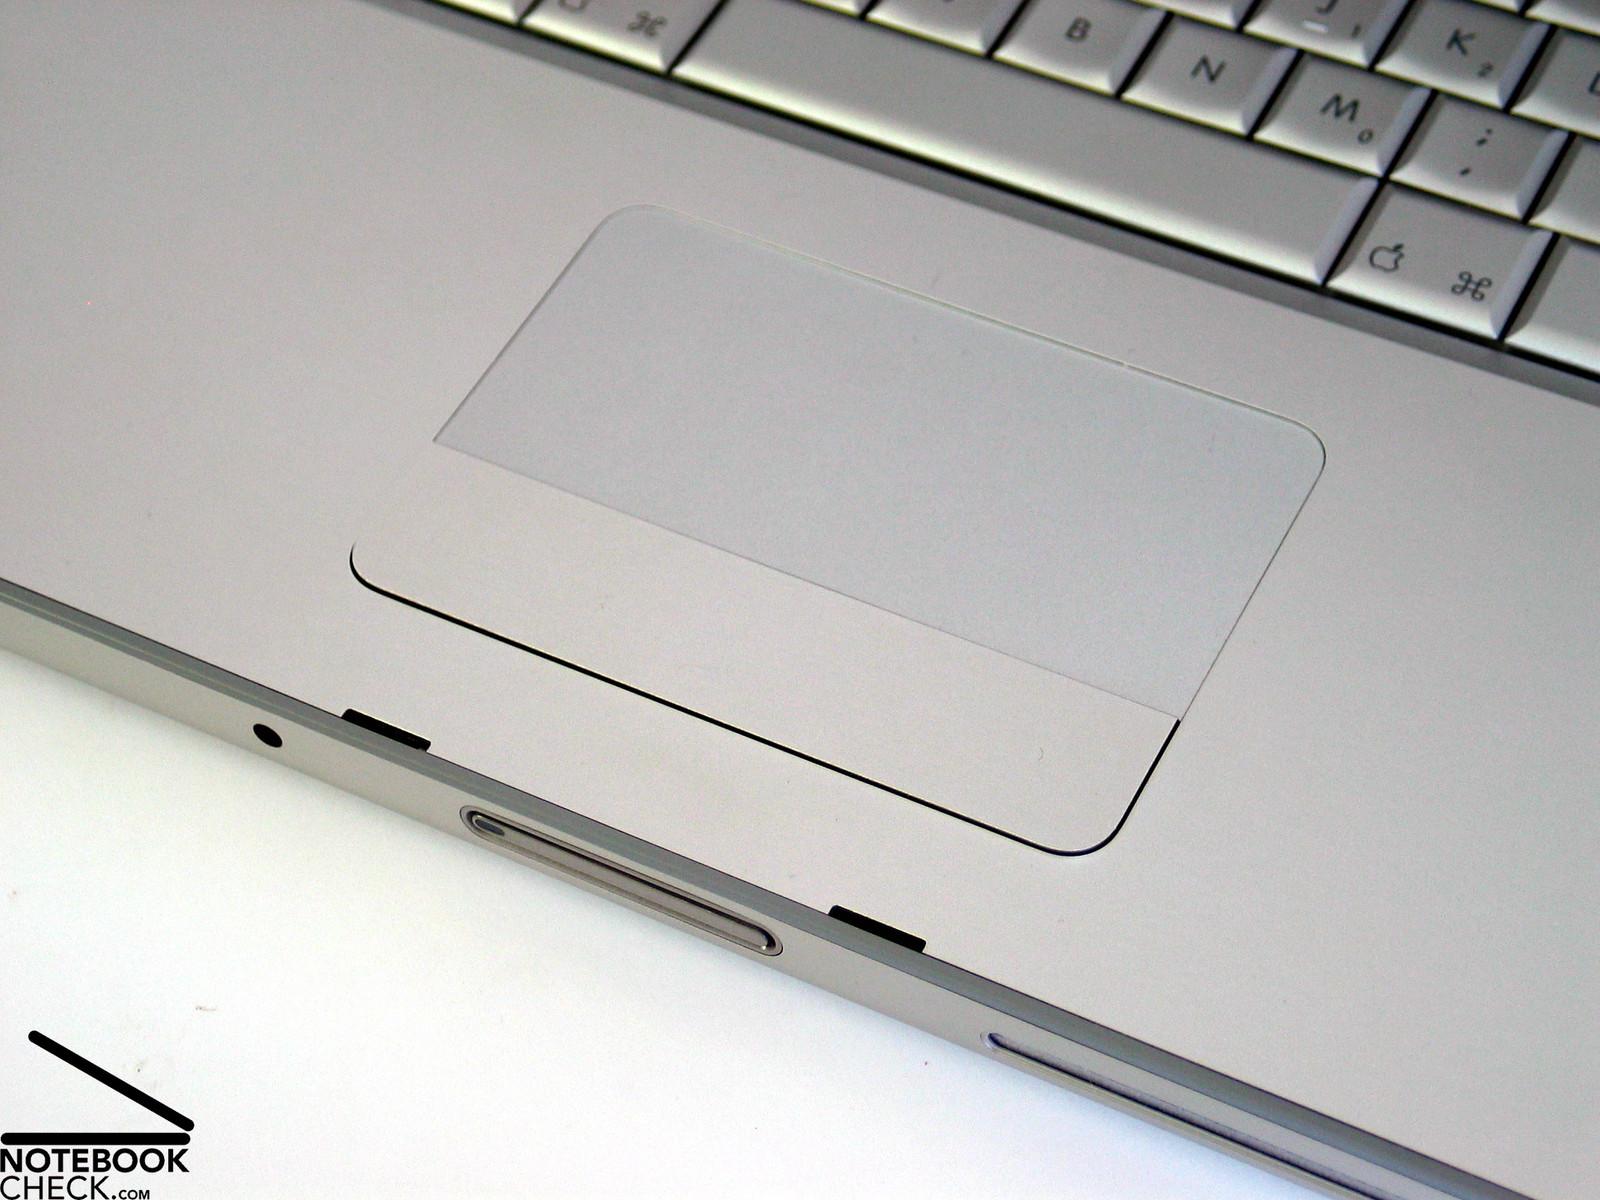 """Review Apple MacBook Pro 15"""" V4.1 (2.5 GHz Penryn) - NotebookCheck.net ..."""